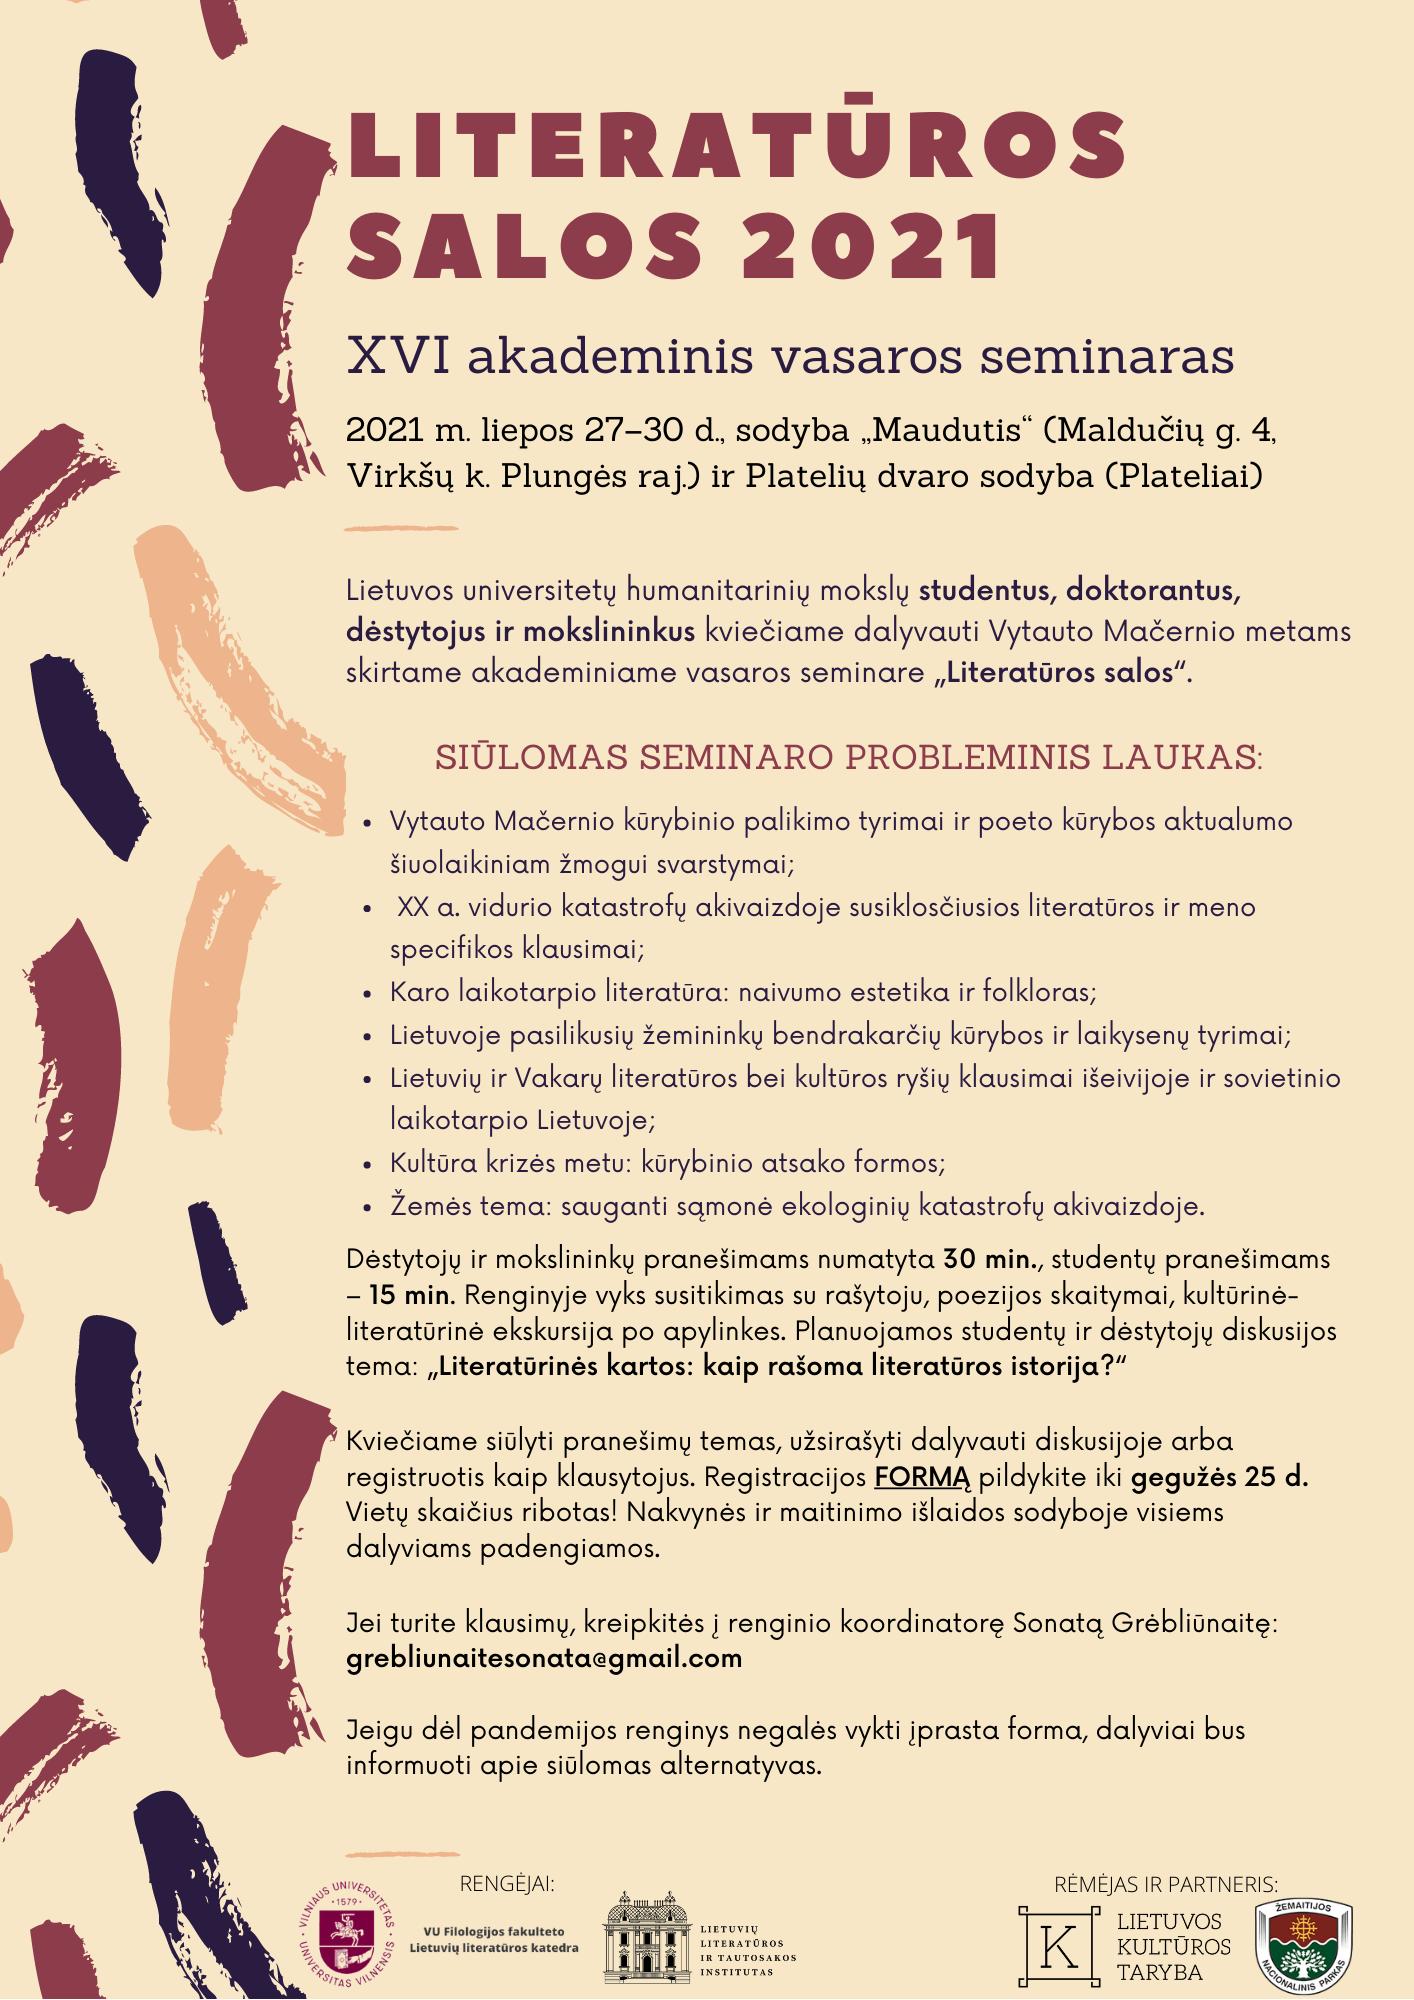 """Kviečiama registruotis į akademinį vasaros seminarą """"Literatūros salos 2021"""""""